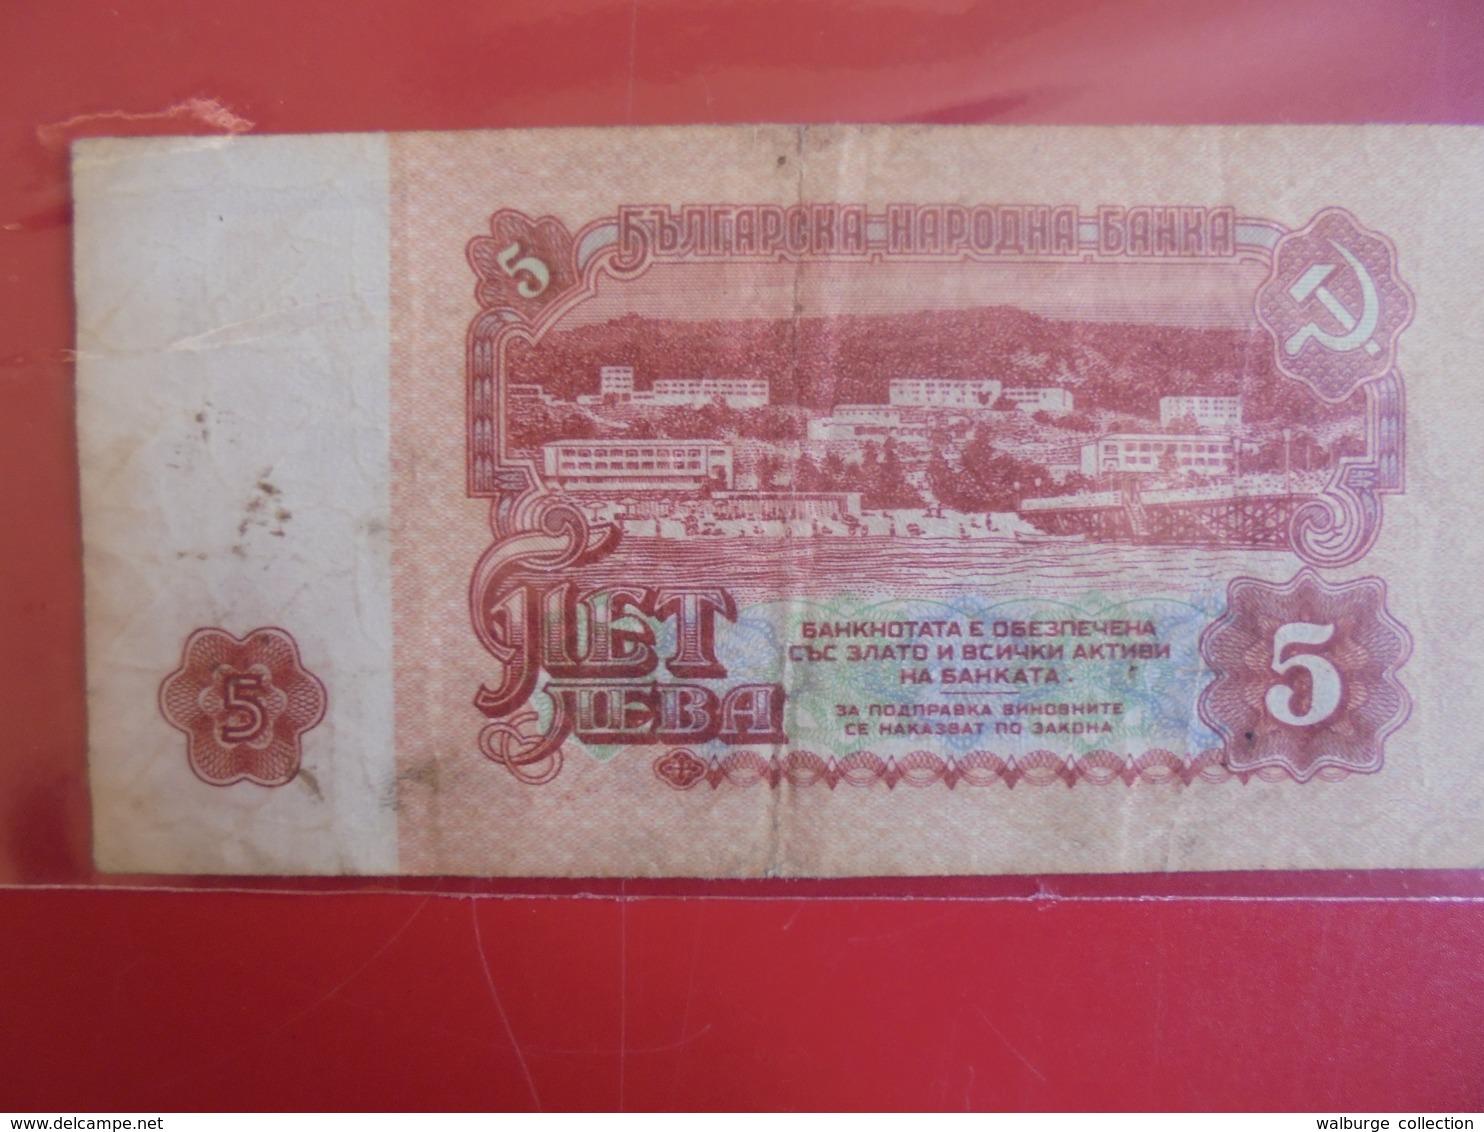 BULGARIE 5 LEVA 1974 CIRCULER - Bulgaria